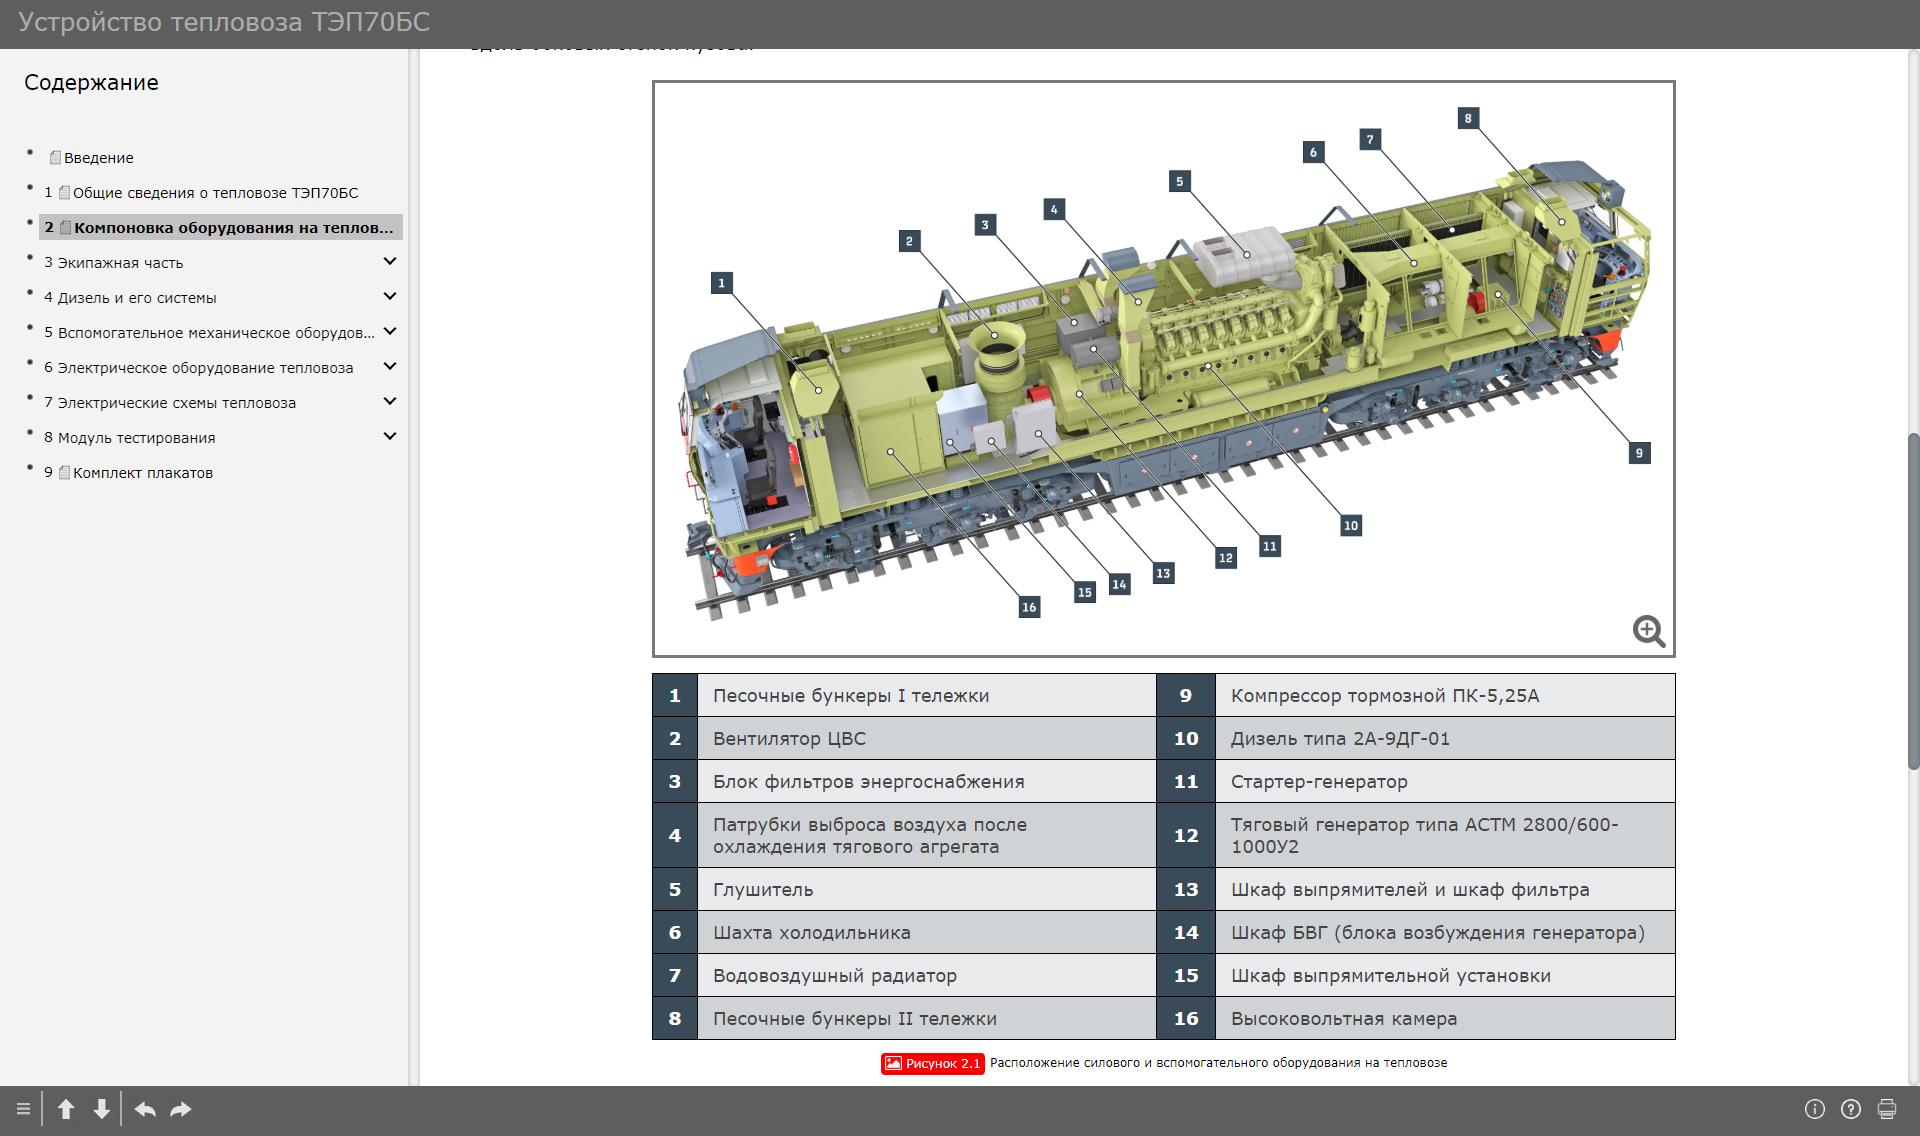 tep70bs 001 Электронный учебный комплекс «Устройство тепловоза ТЭП70БС»